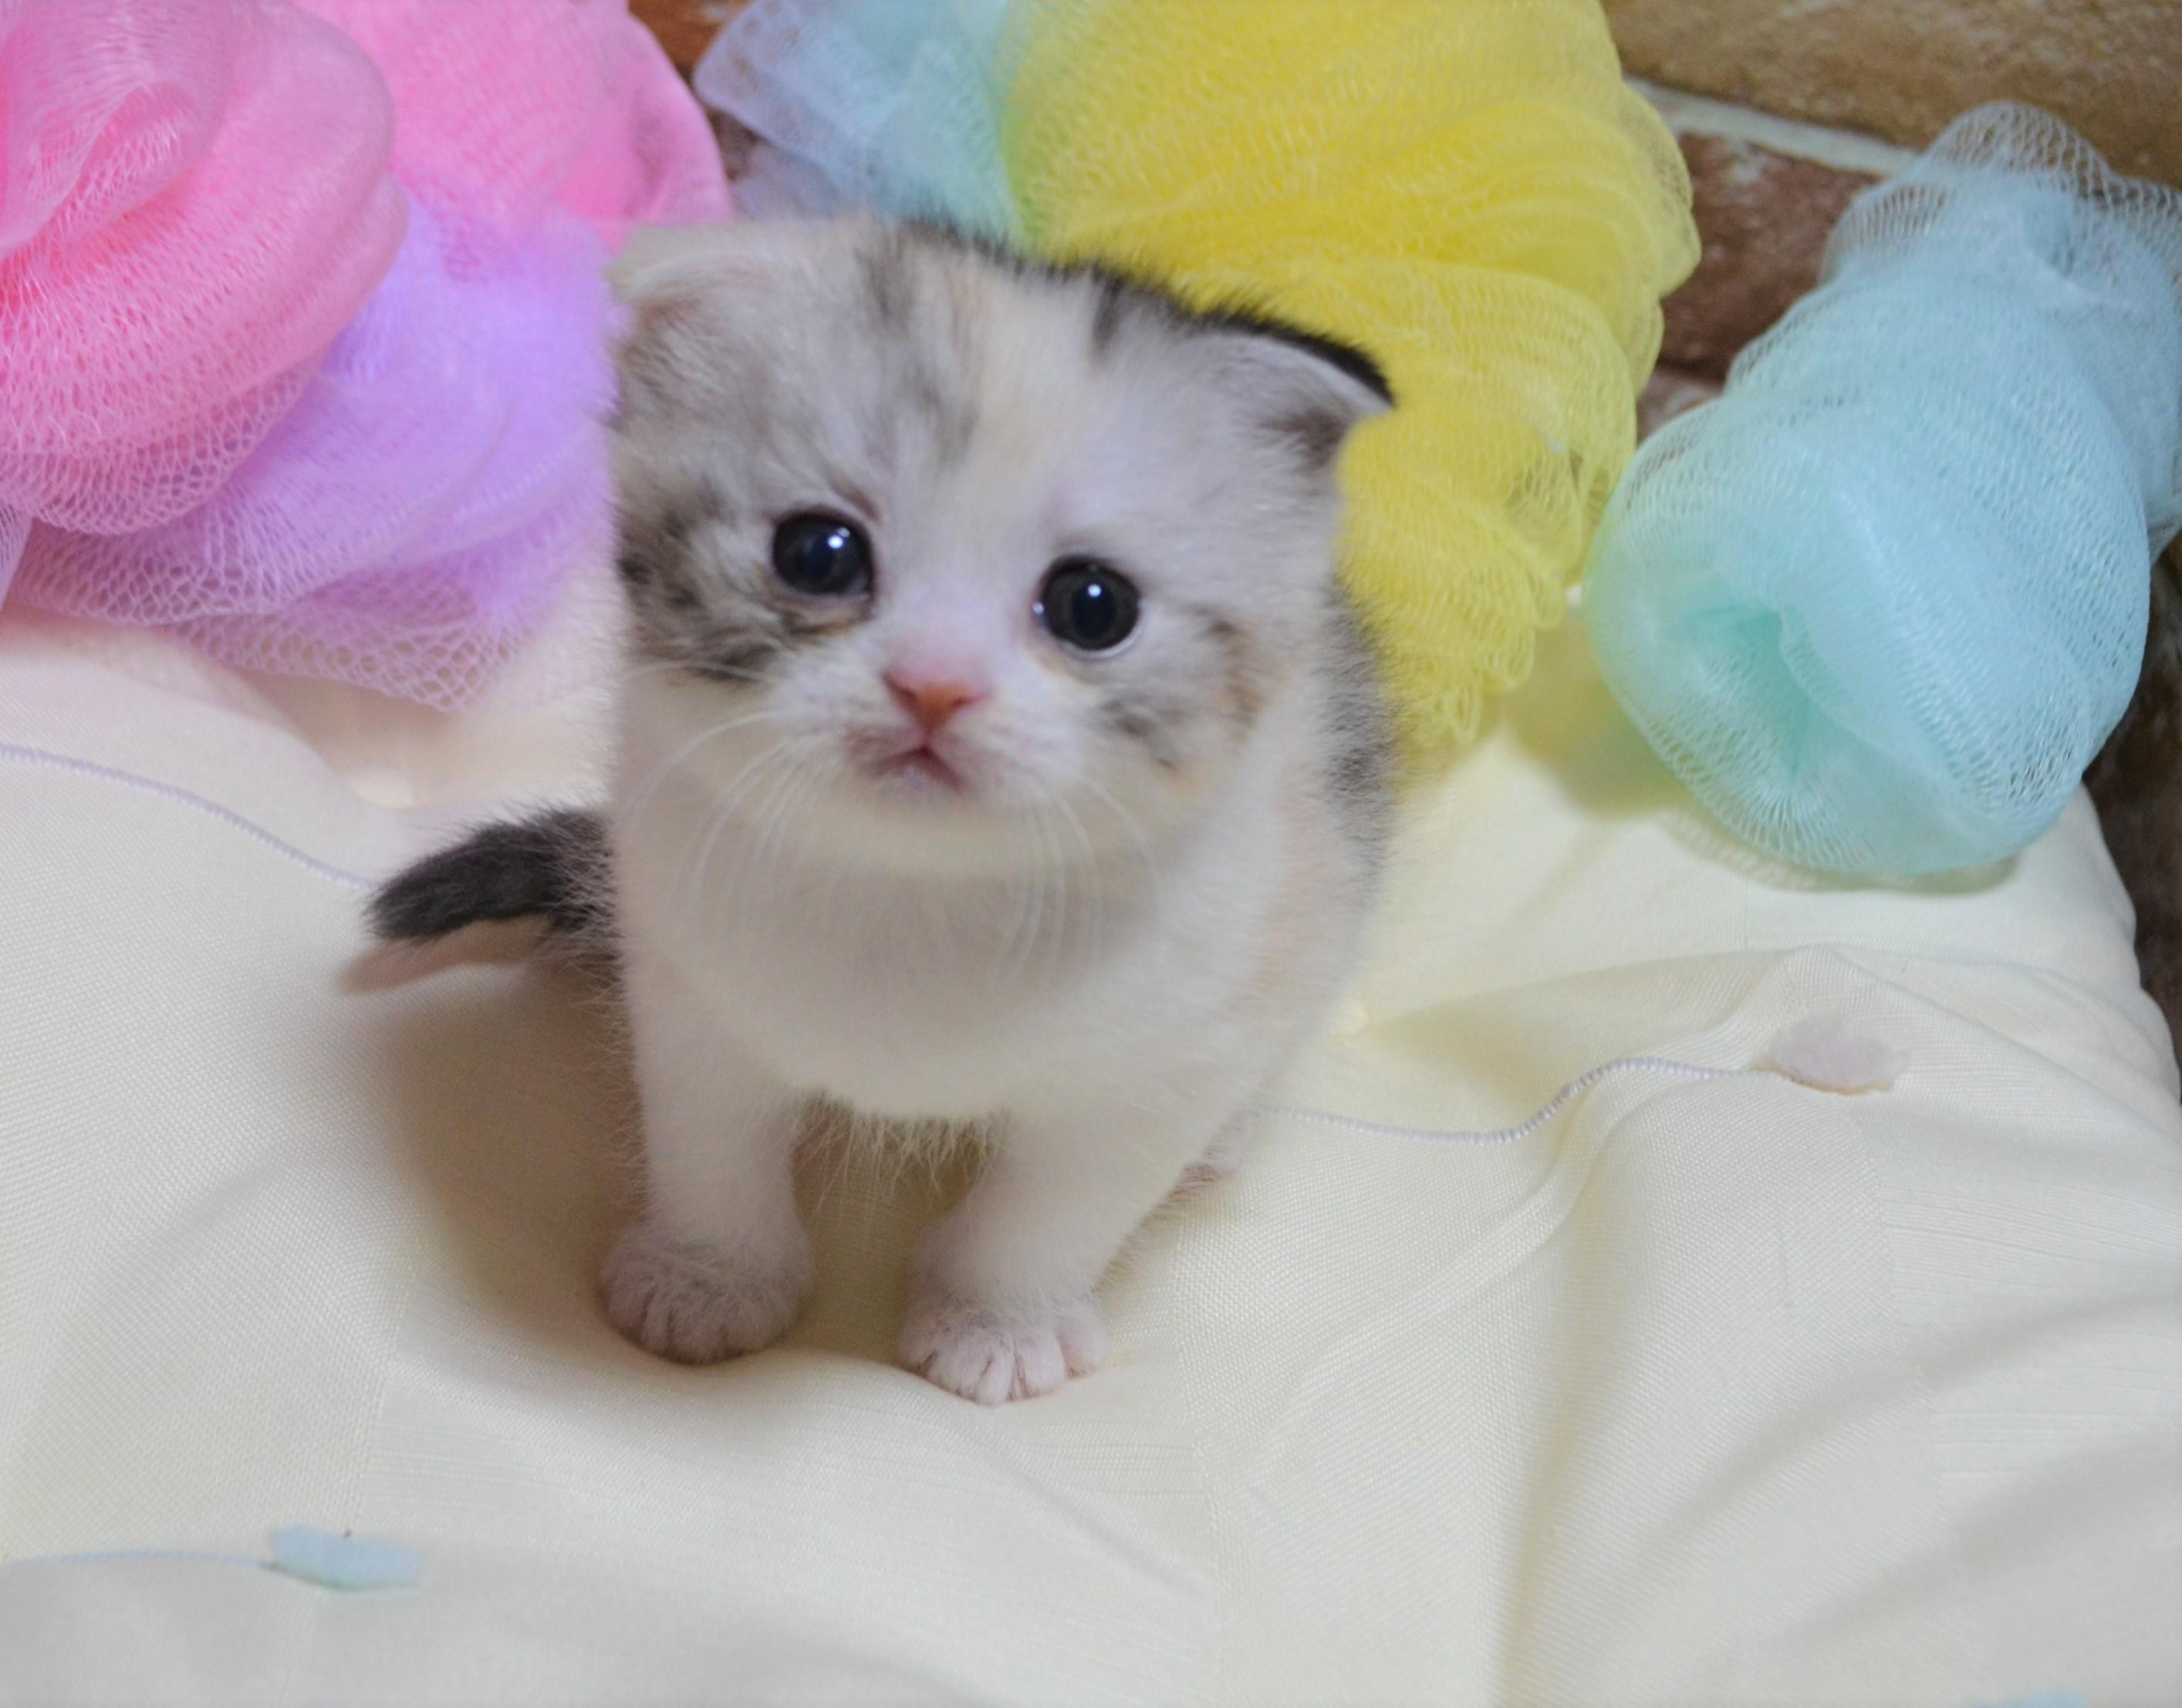 愛猫さがし 安心安全のブリーダー直販の子猫販売 子猫ブリーダー